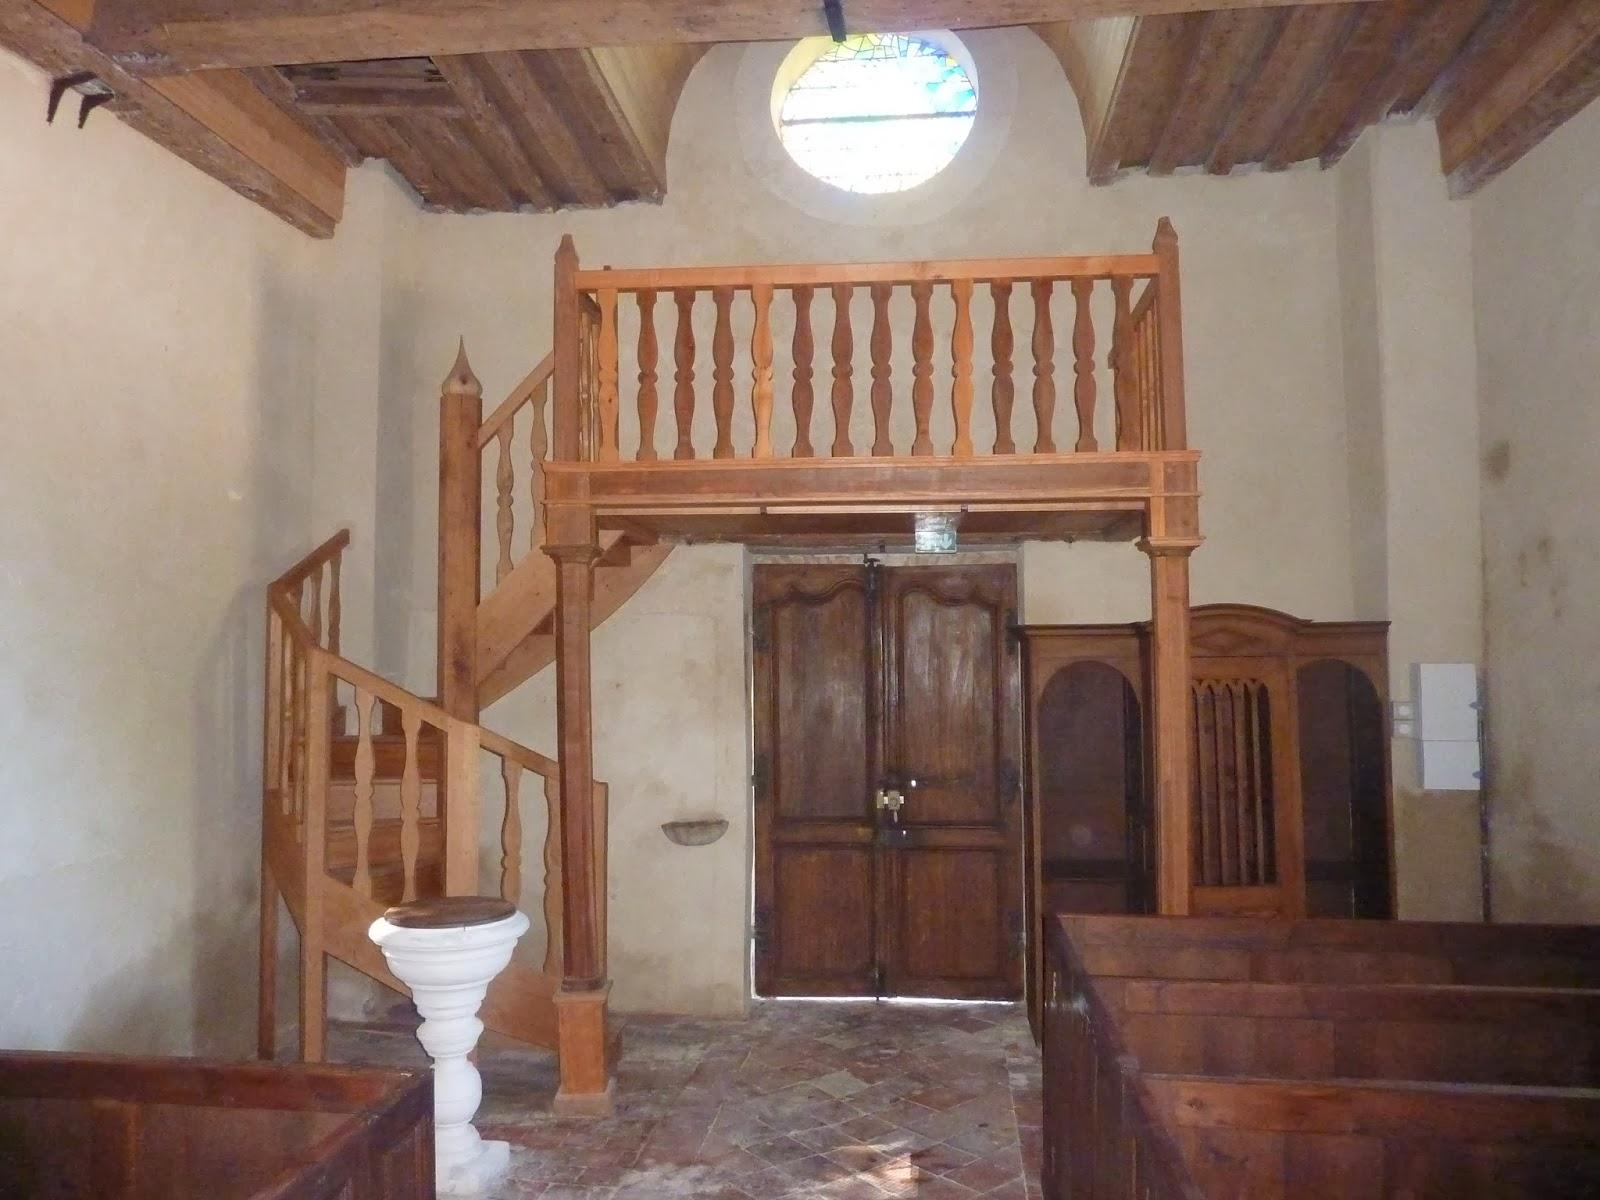 Fabrication Estrade En Bois la terre du bois: fabrication de l'escalier de l'eglise de